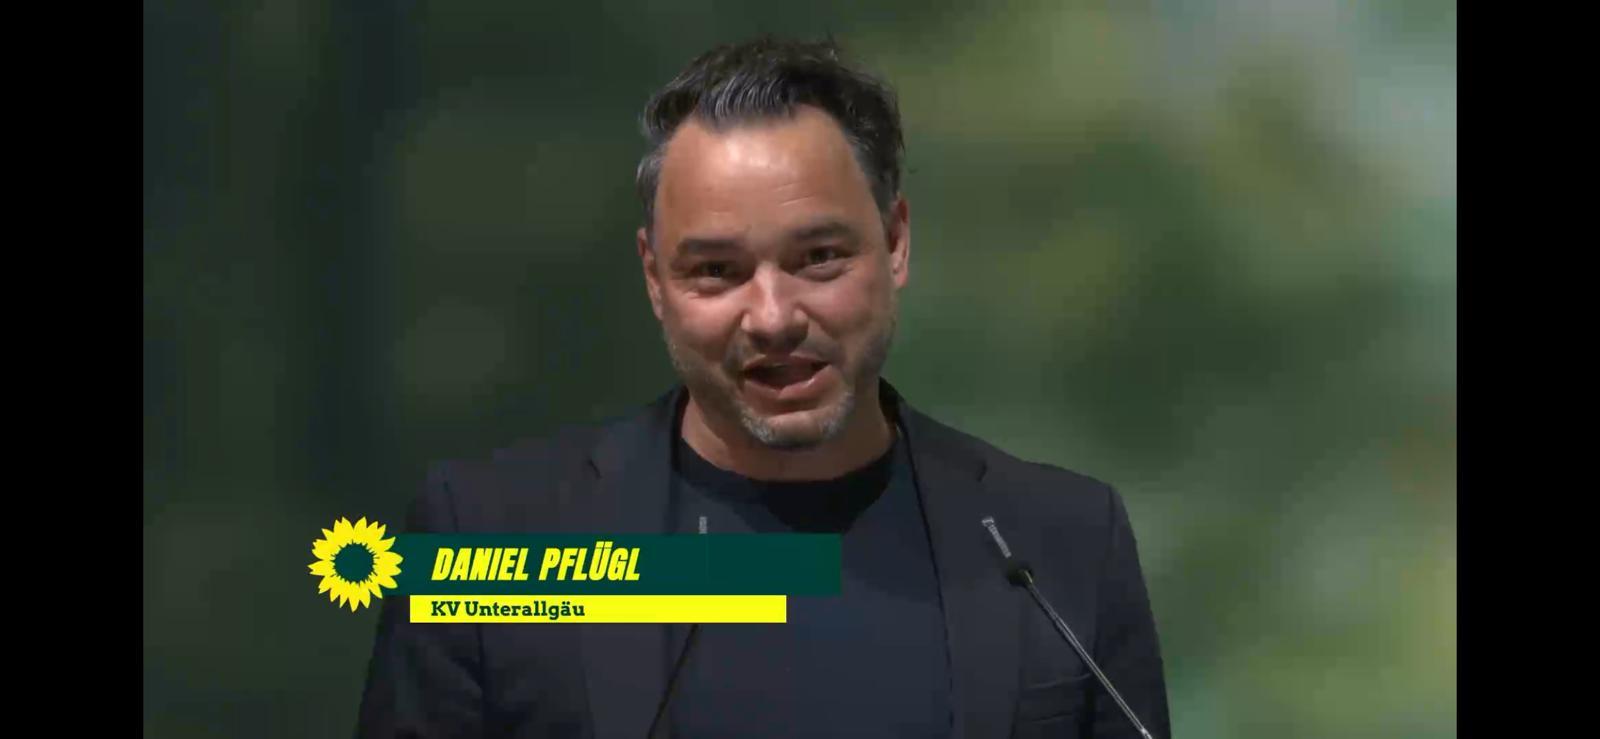 Daniel Pflügl auf Platz 24 der bayerischen Landesliste gewählt